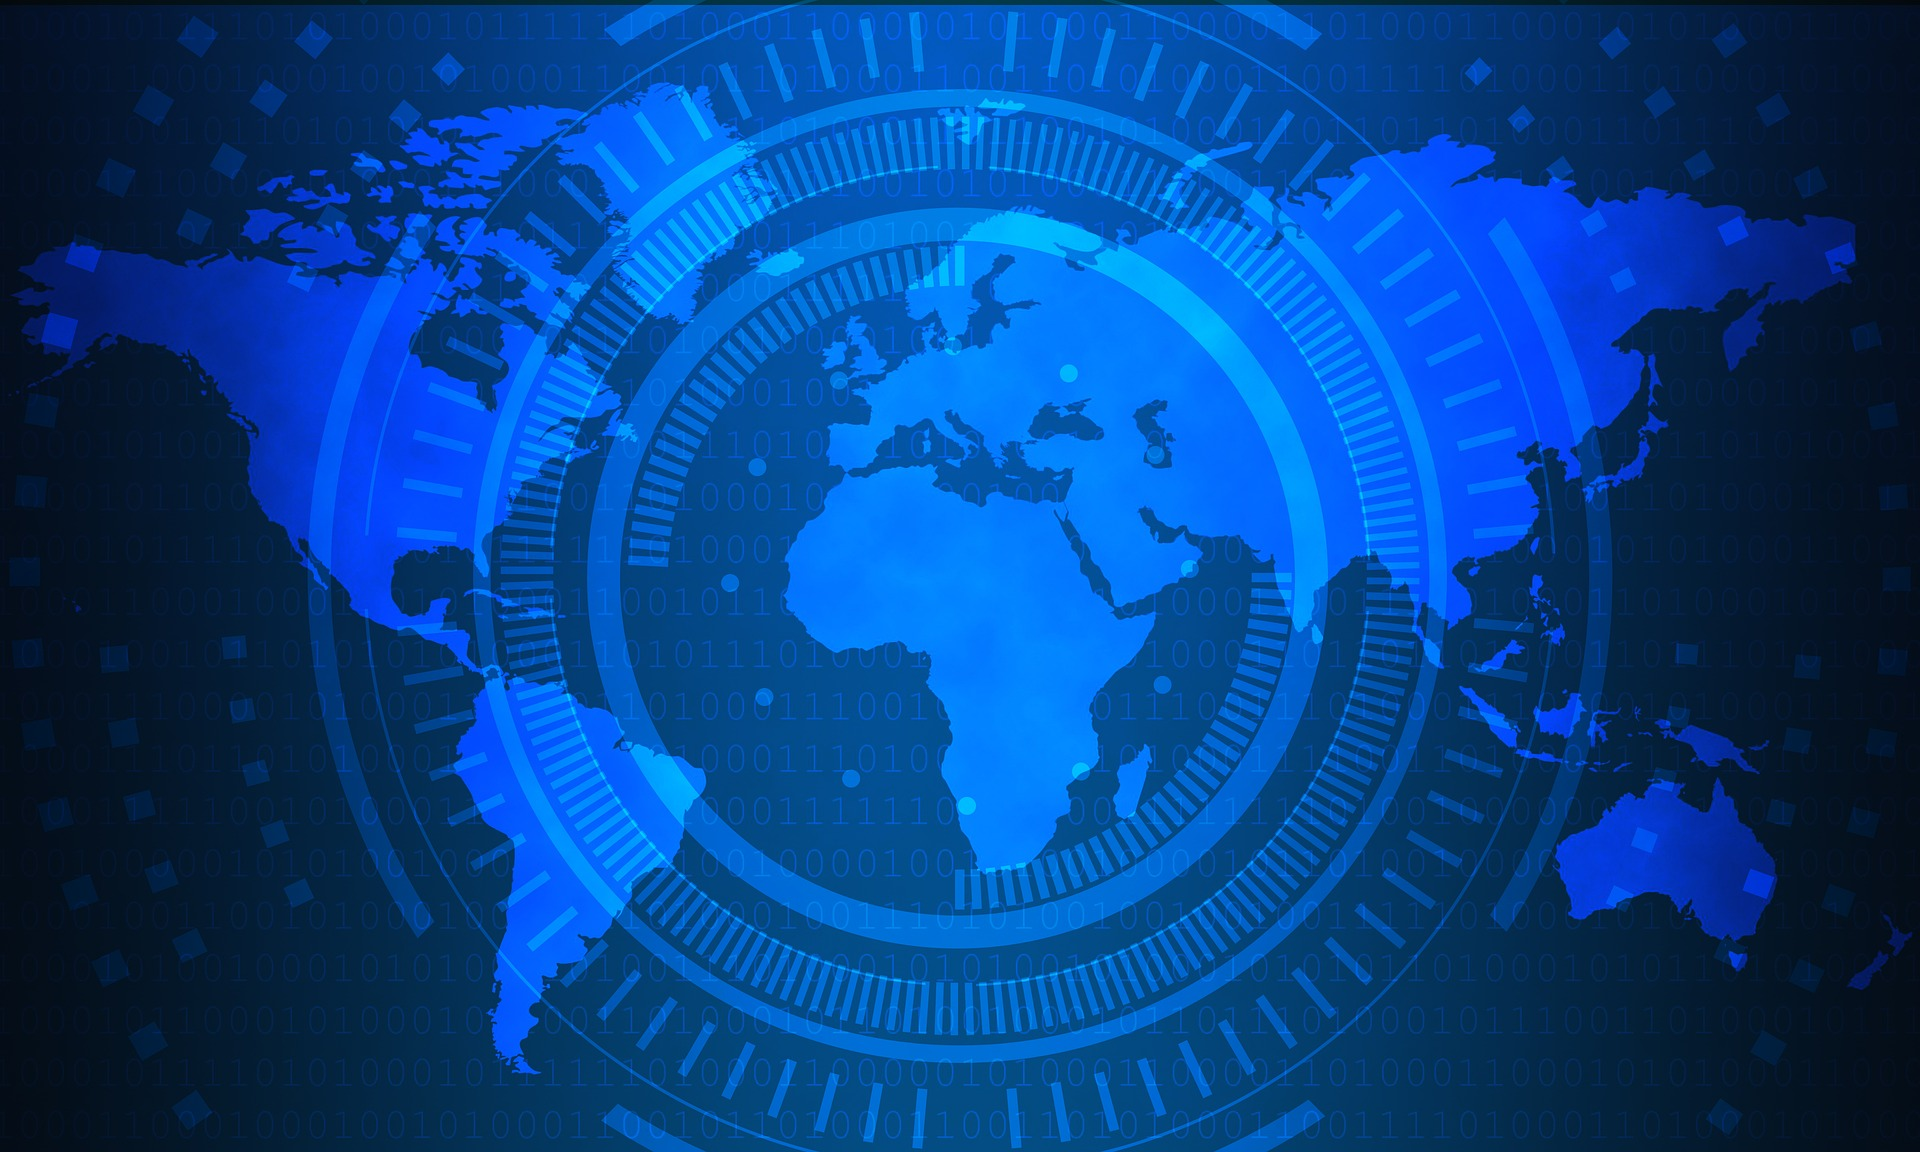 Baptist Mid-Missions - Global